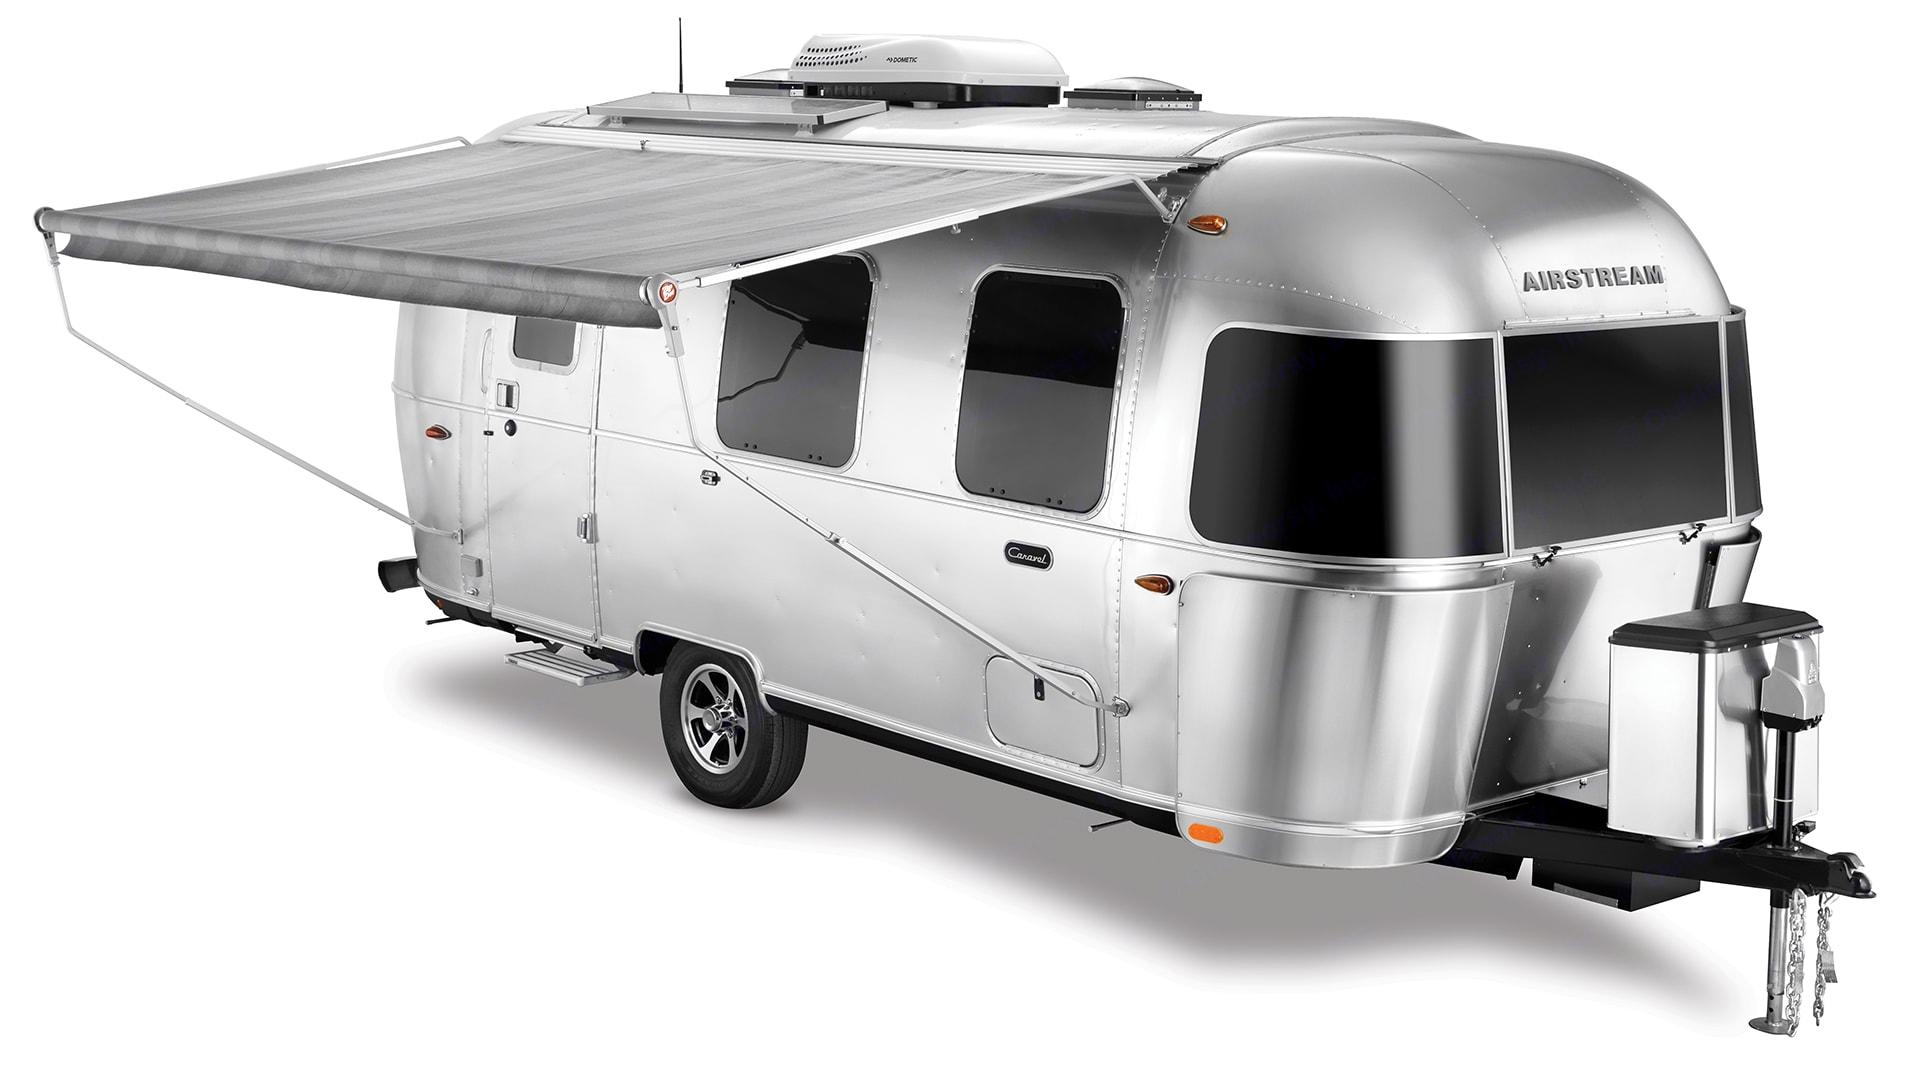 Airstream Caravel 22 FB 2020